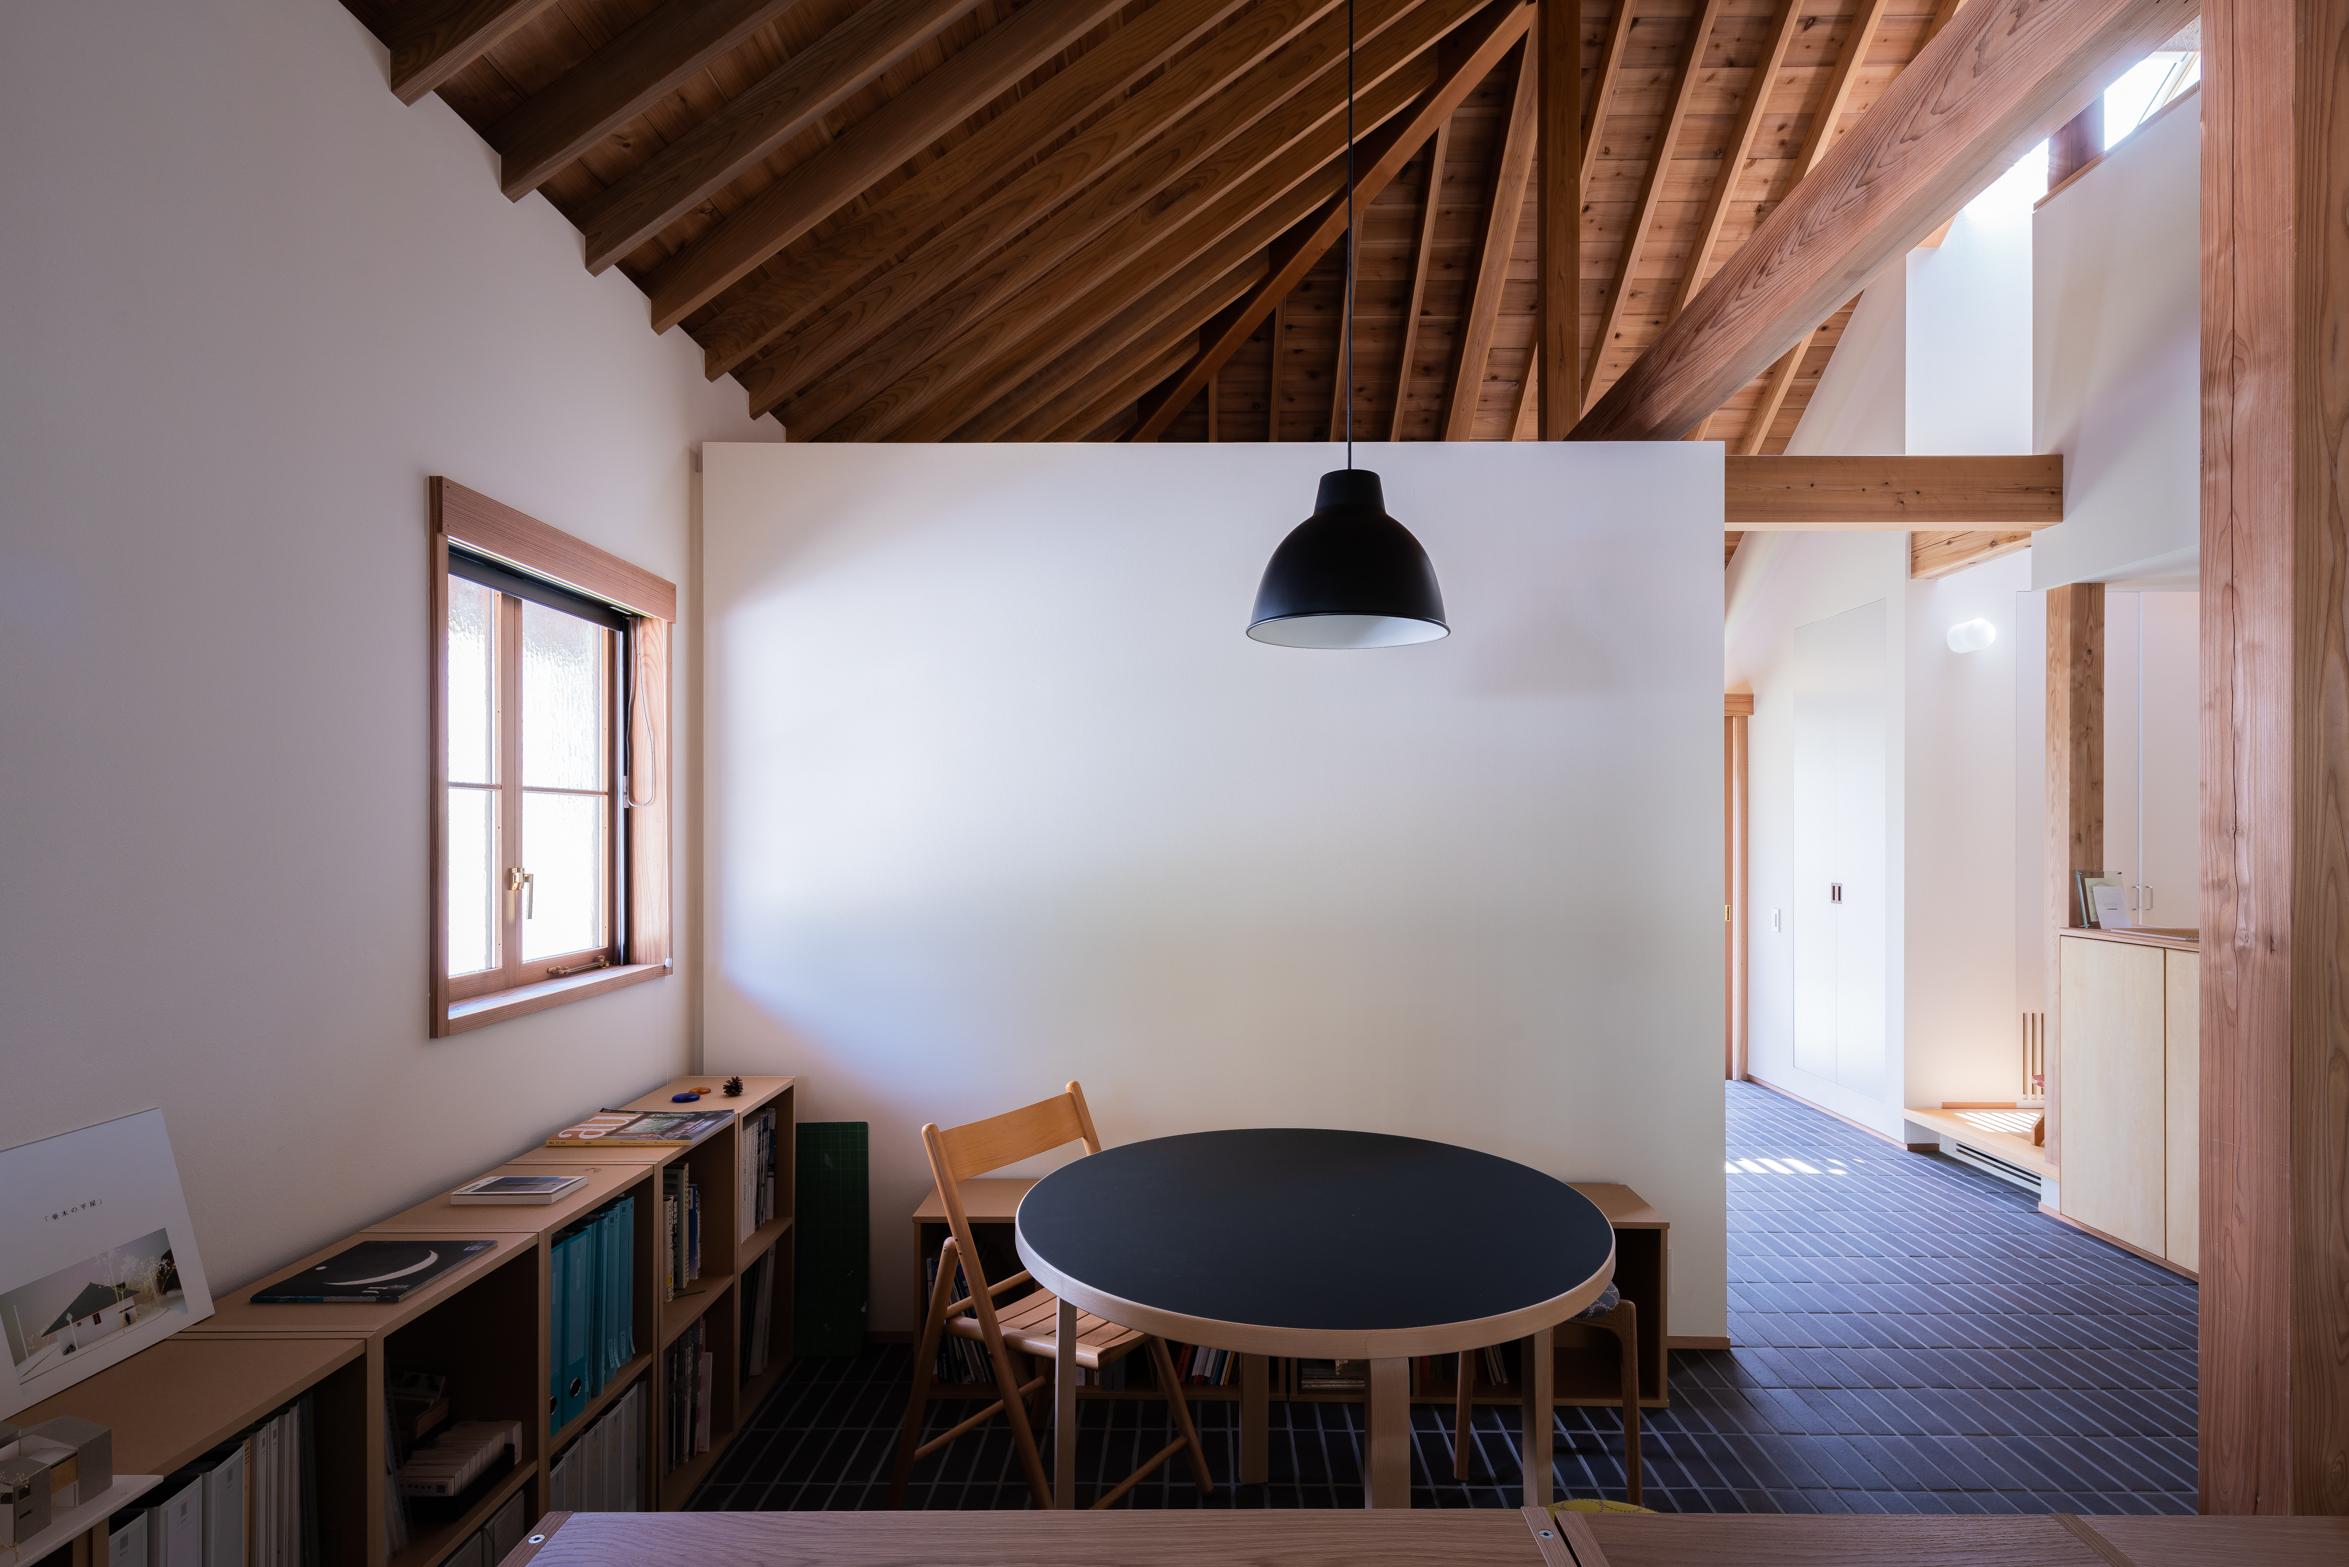 2021.07.18 酒々井の家完成写真-41.jpg